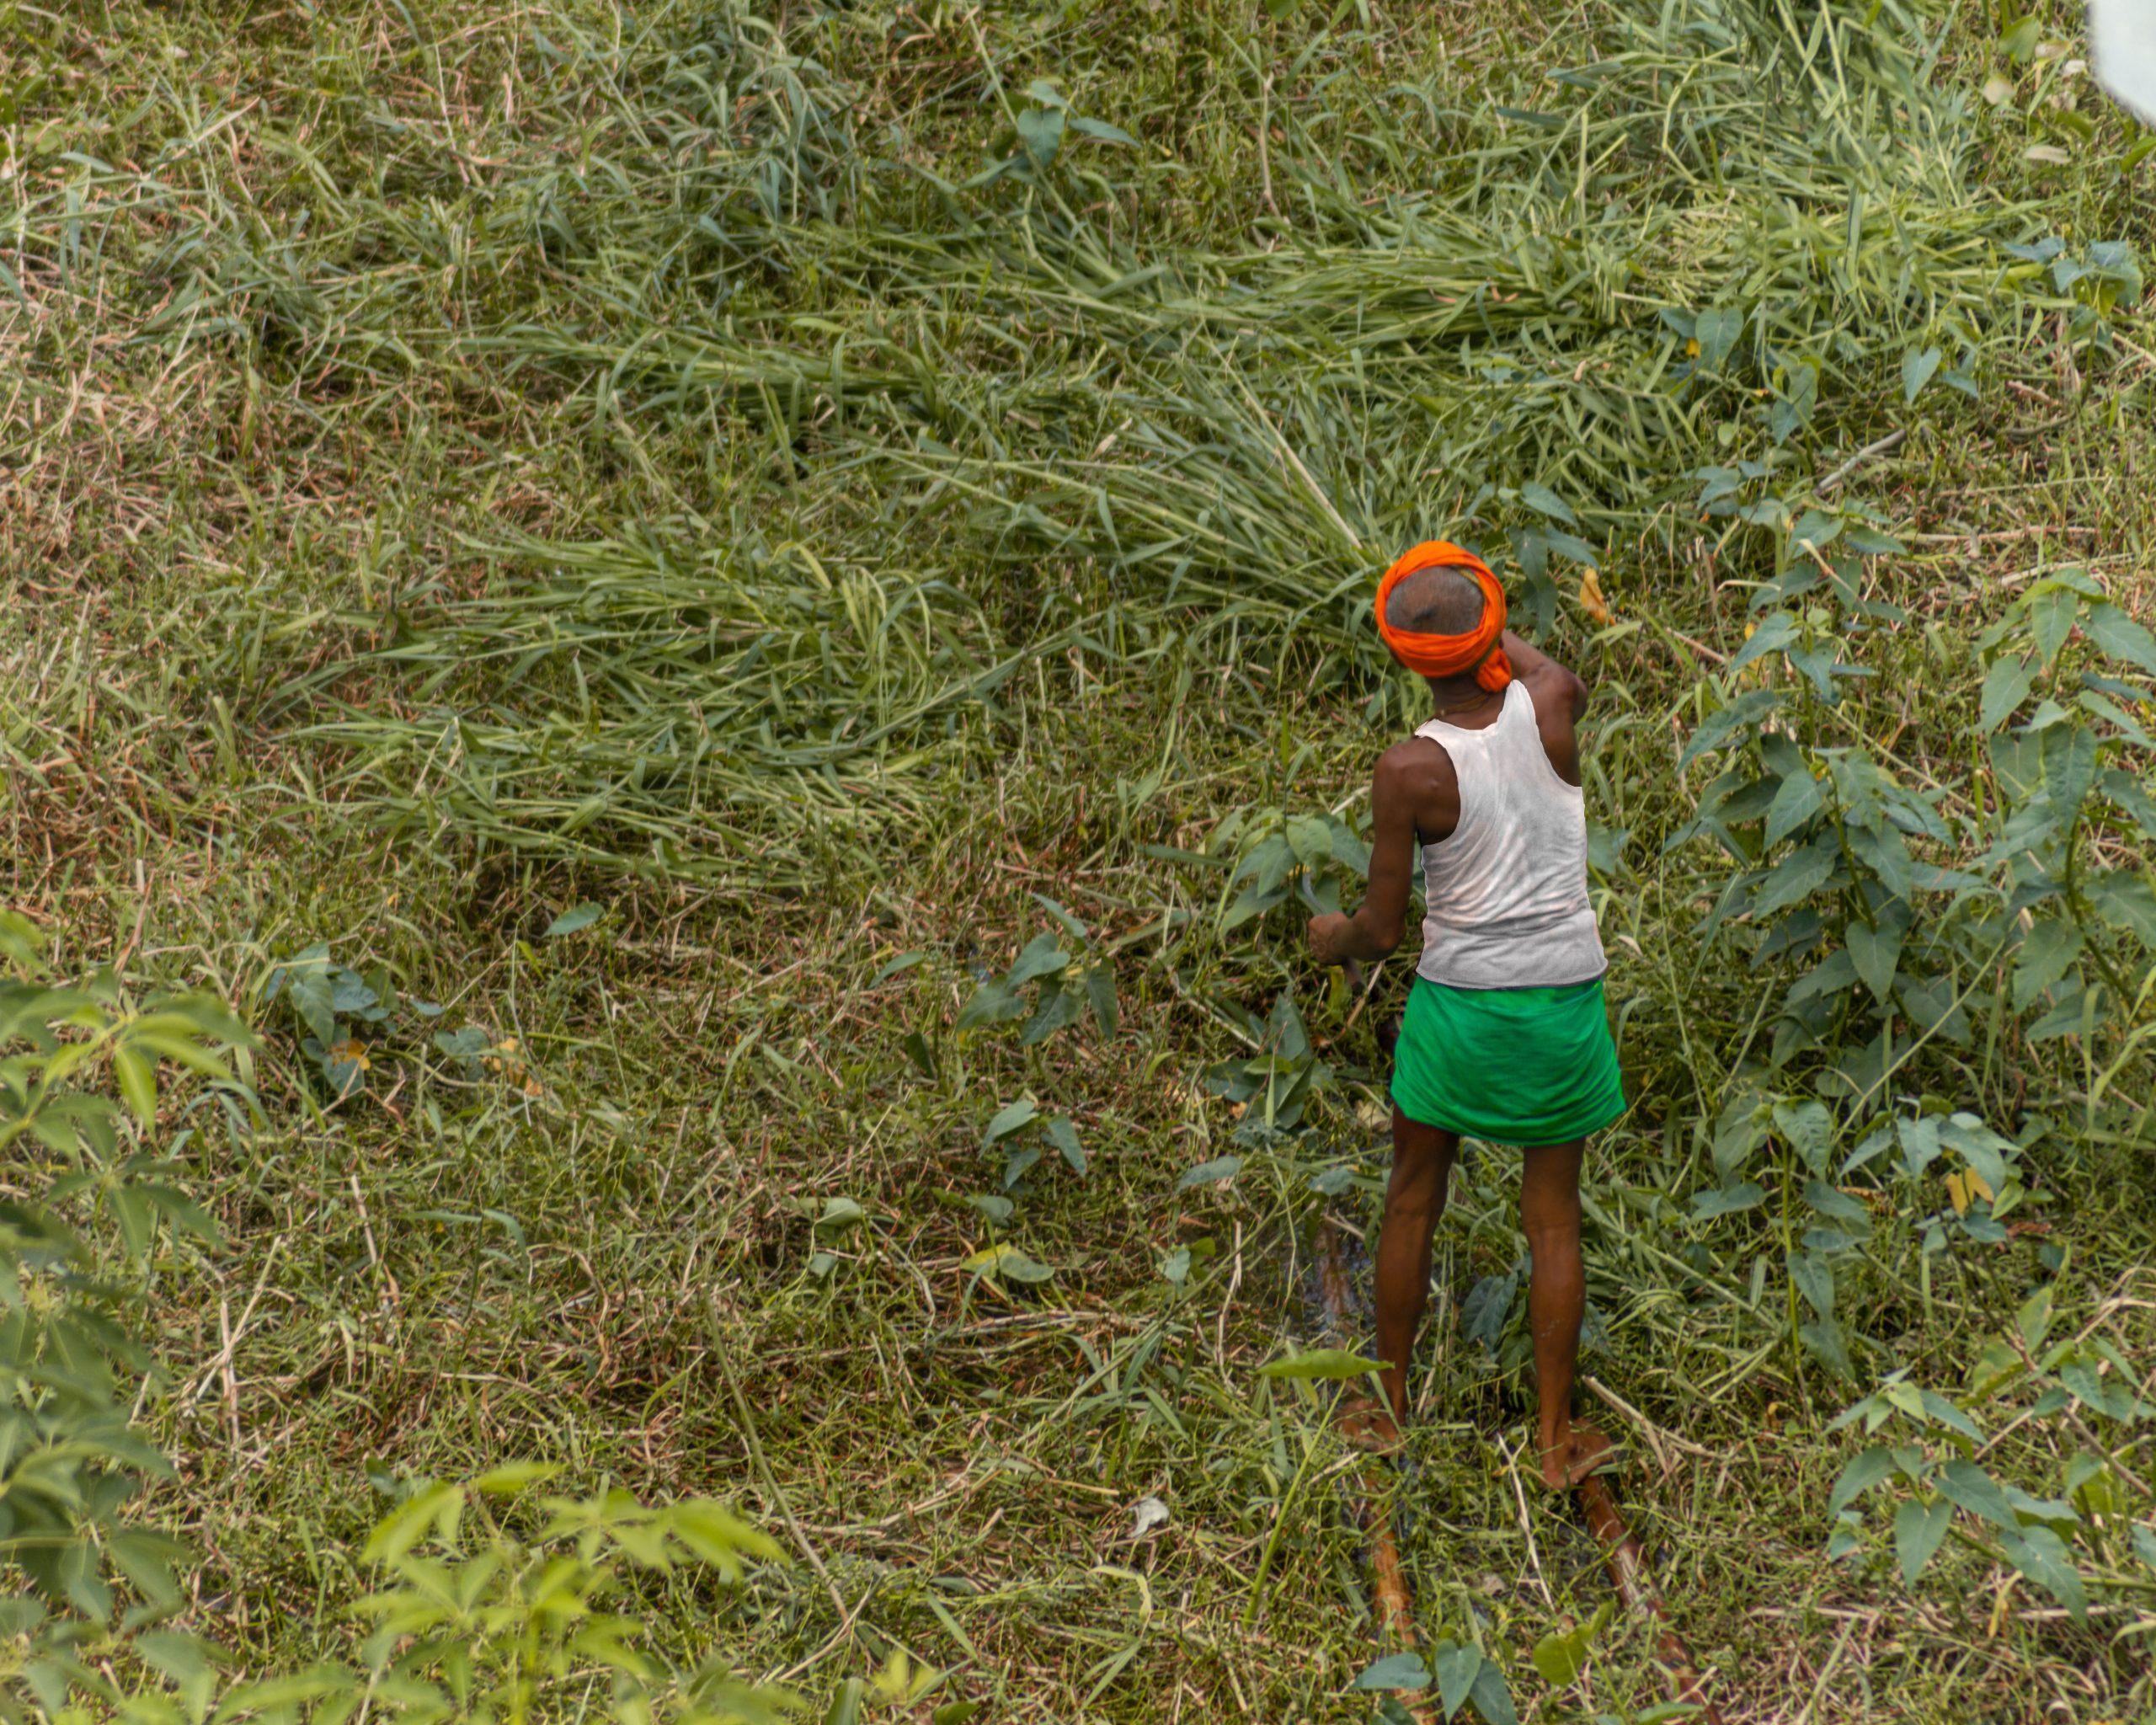 A man cutting grass